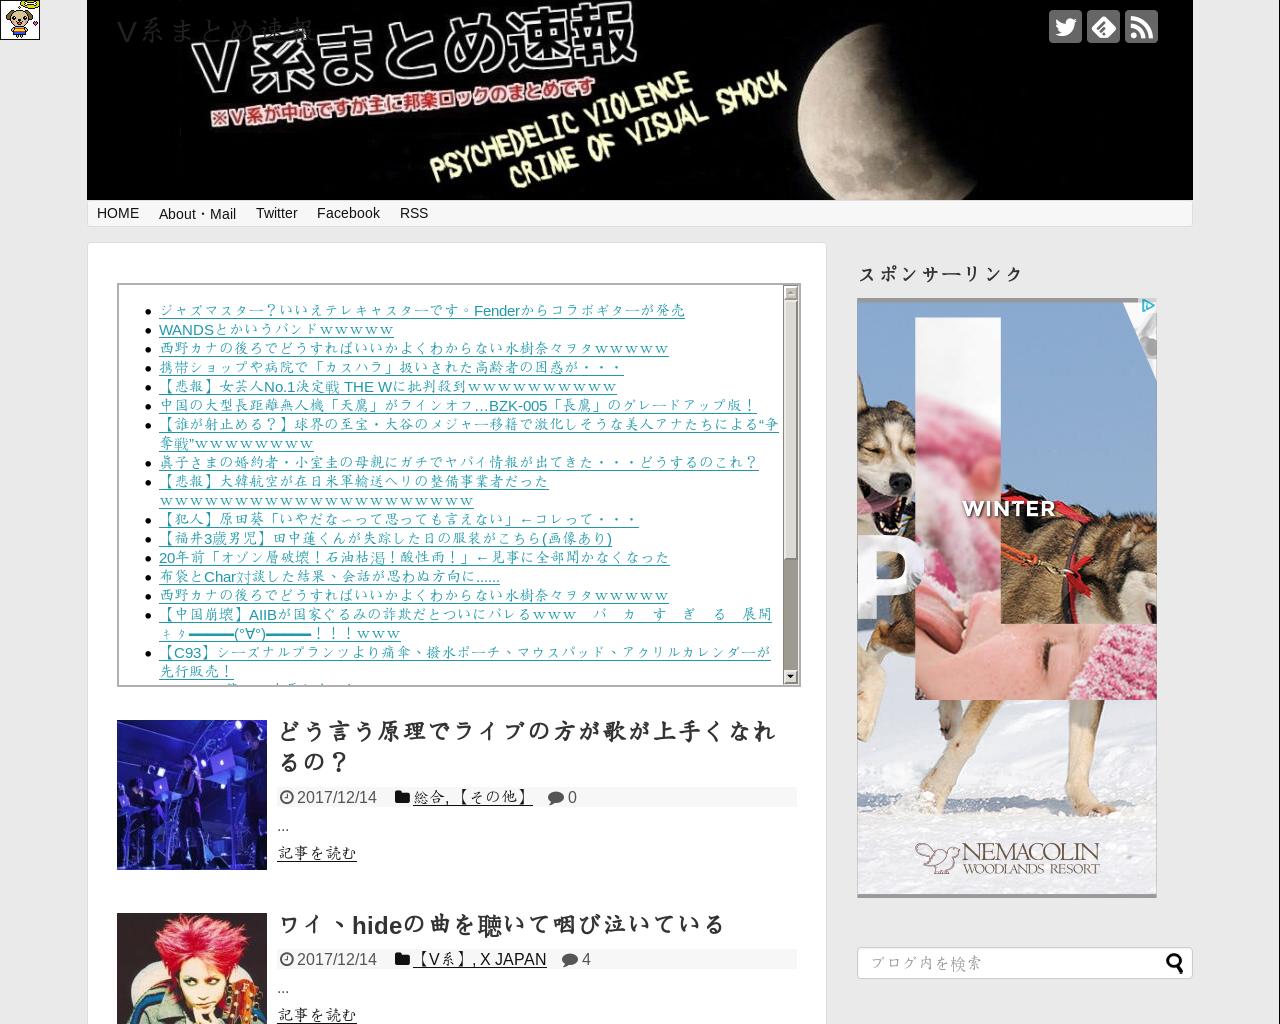 visual-matome.com(2017/12/14 09:50:52)